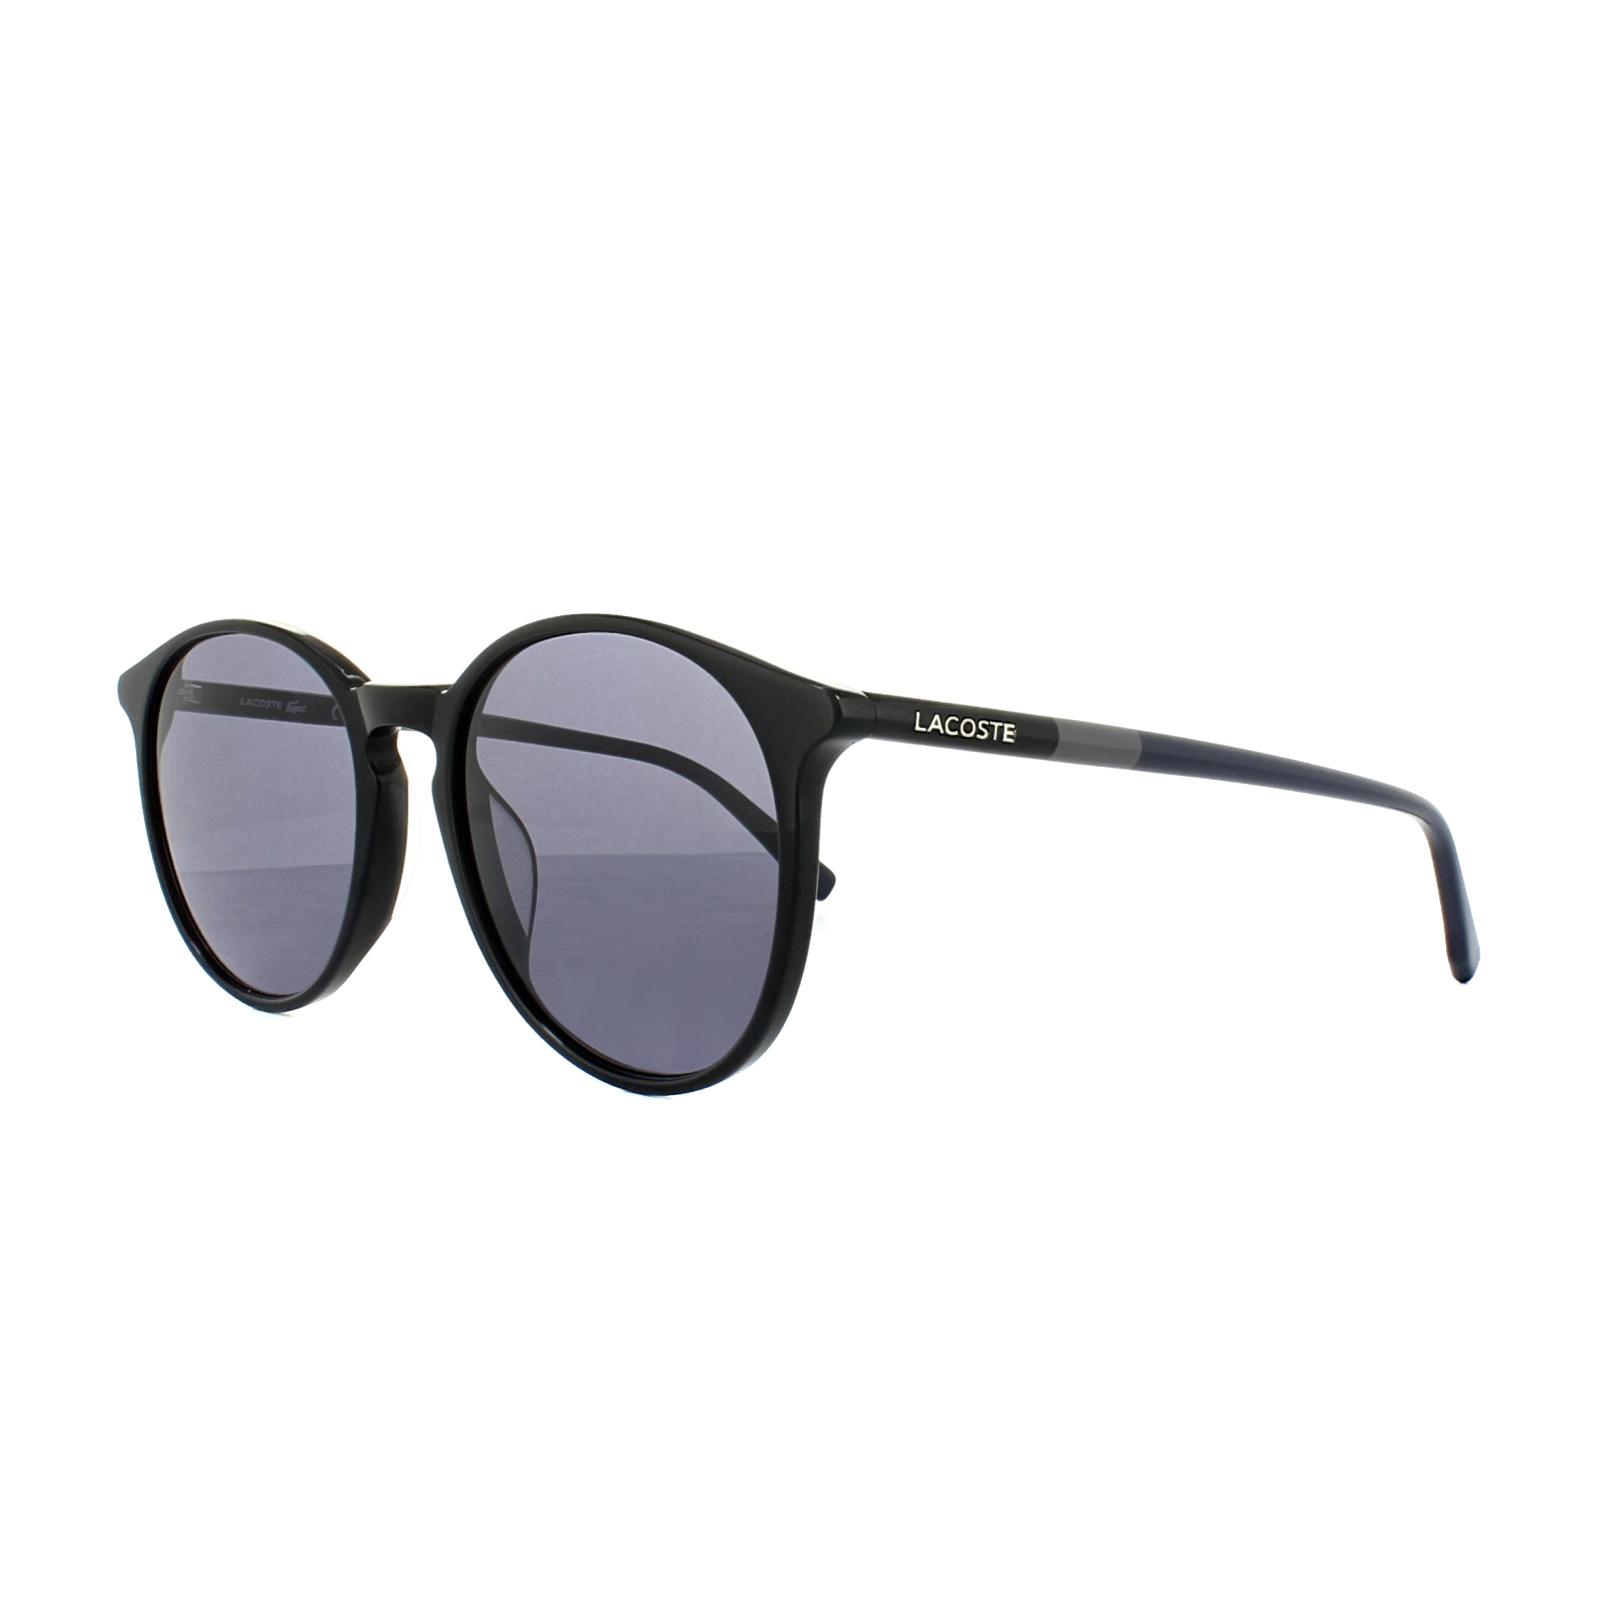 bb4392fe99 Lacoste Sunglasses Ebay | David Simchi-Levi